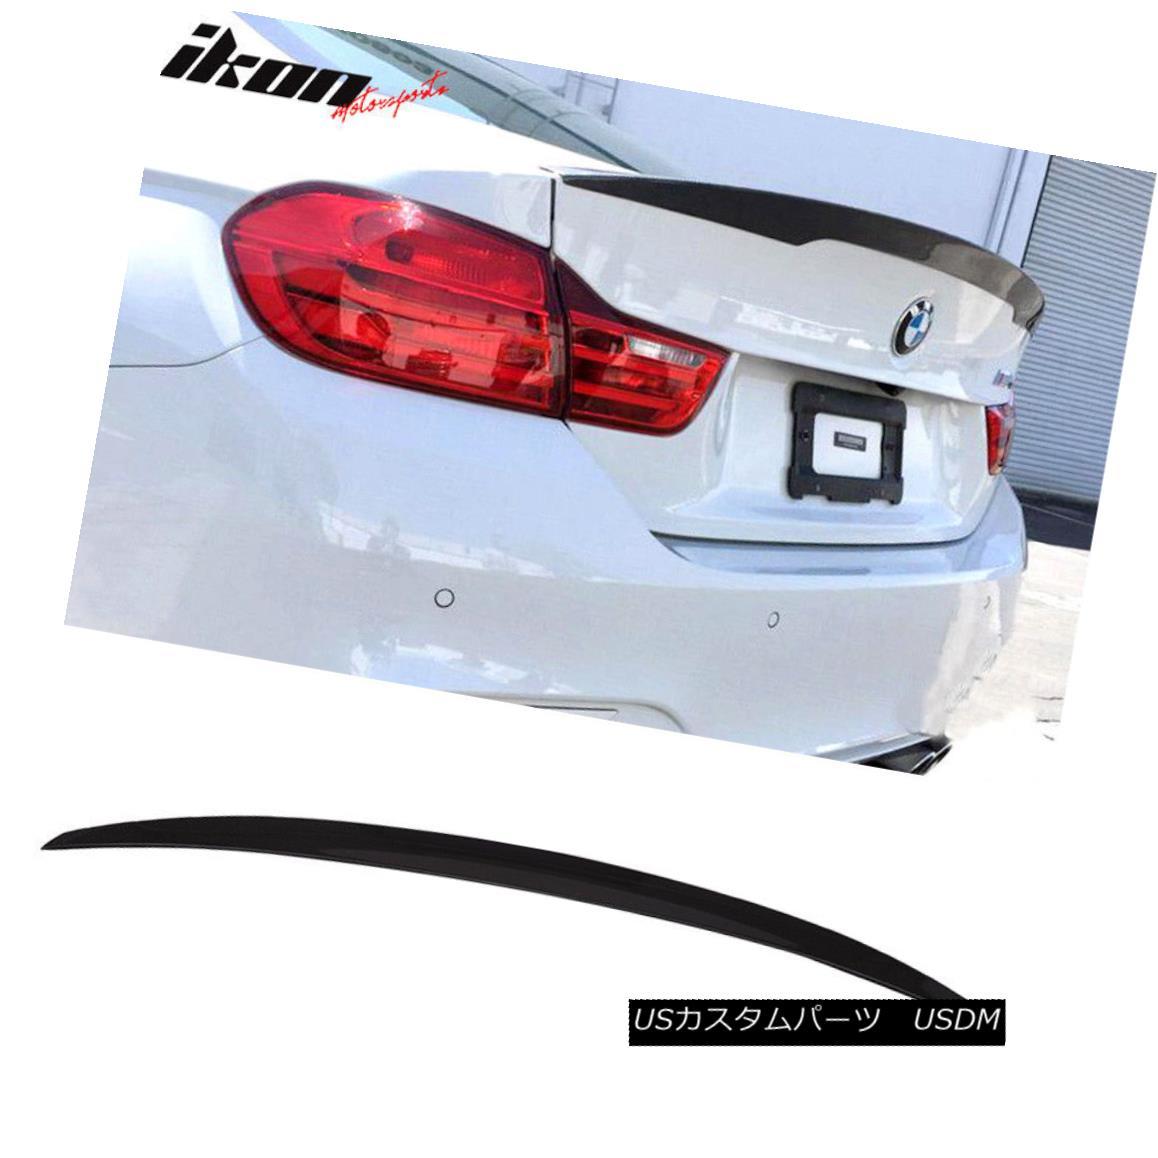 エアロパーツ Fits 14-18 F36 Gran Coupe Performance Trunk Spoiler Painted #475 Black Sapphire フィット14-18 F36グランクーペパフォーマンストランクスポイラー#475ブラックサファイアを塗った